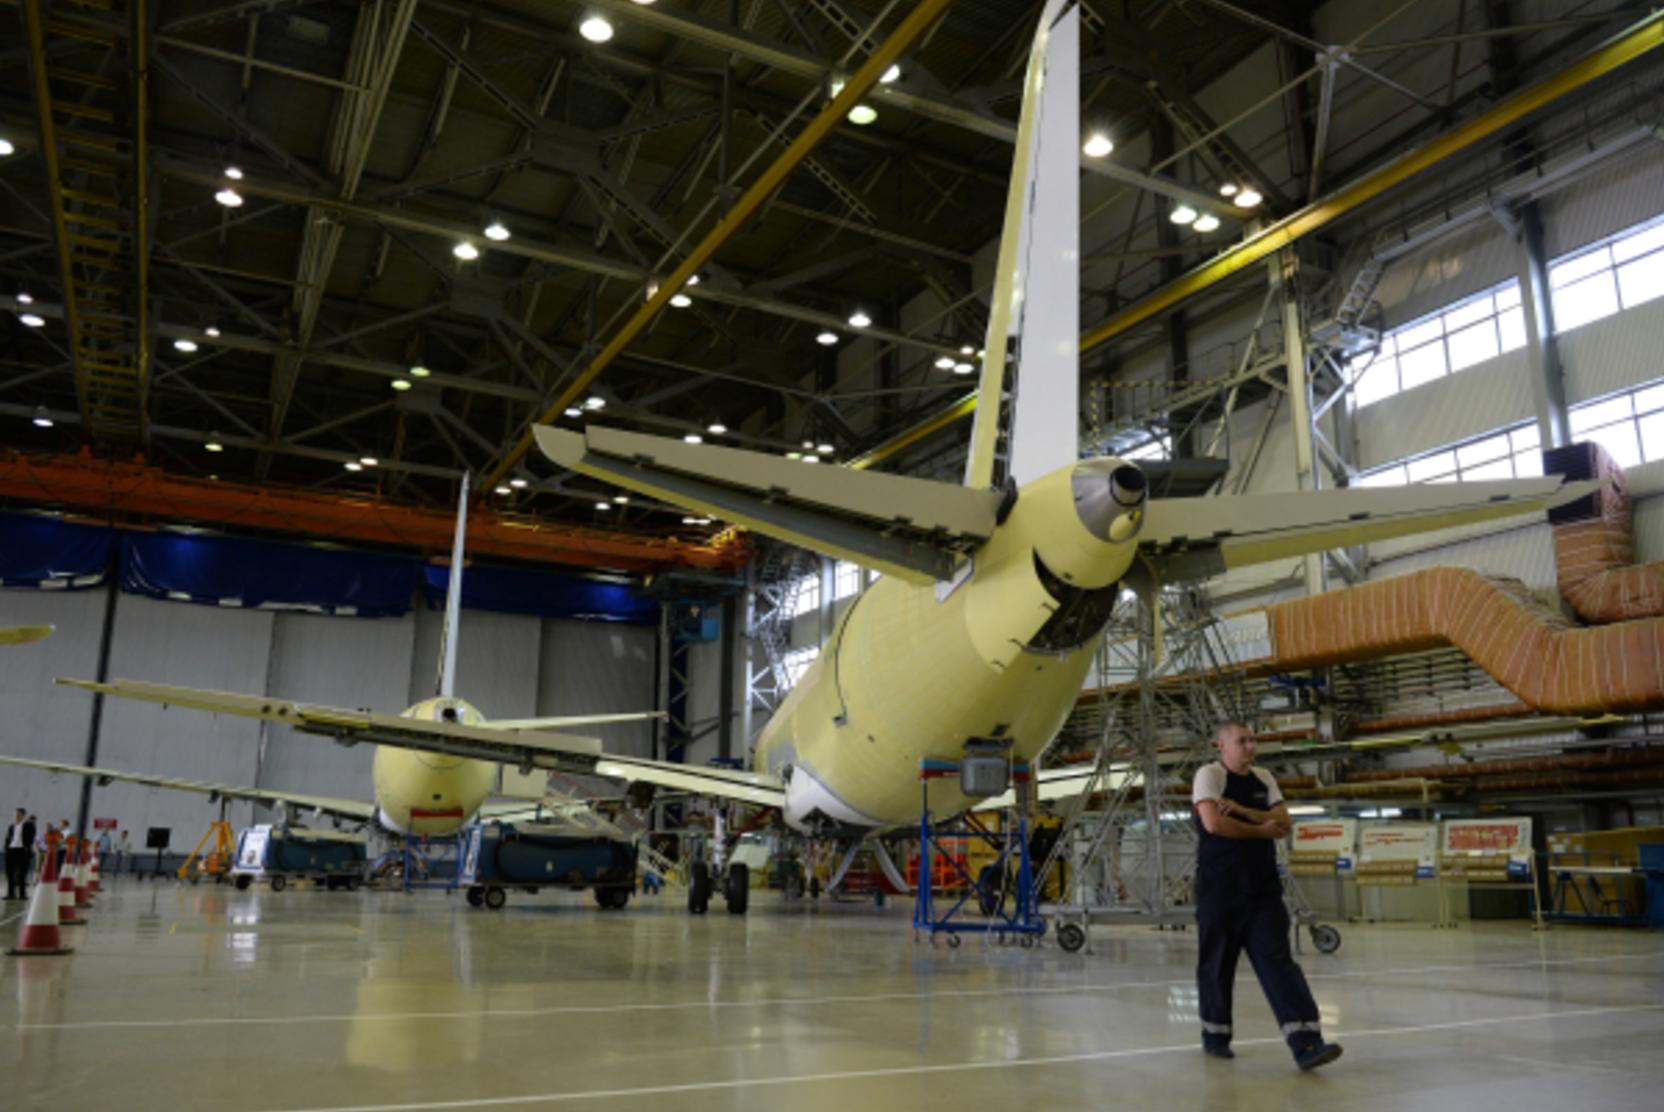 СМИ: Экс-главу компании-разработчика Sukhoi SuperJet 100 объявили в международный розыск